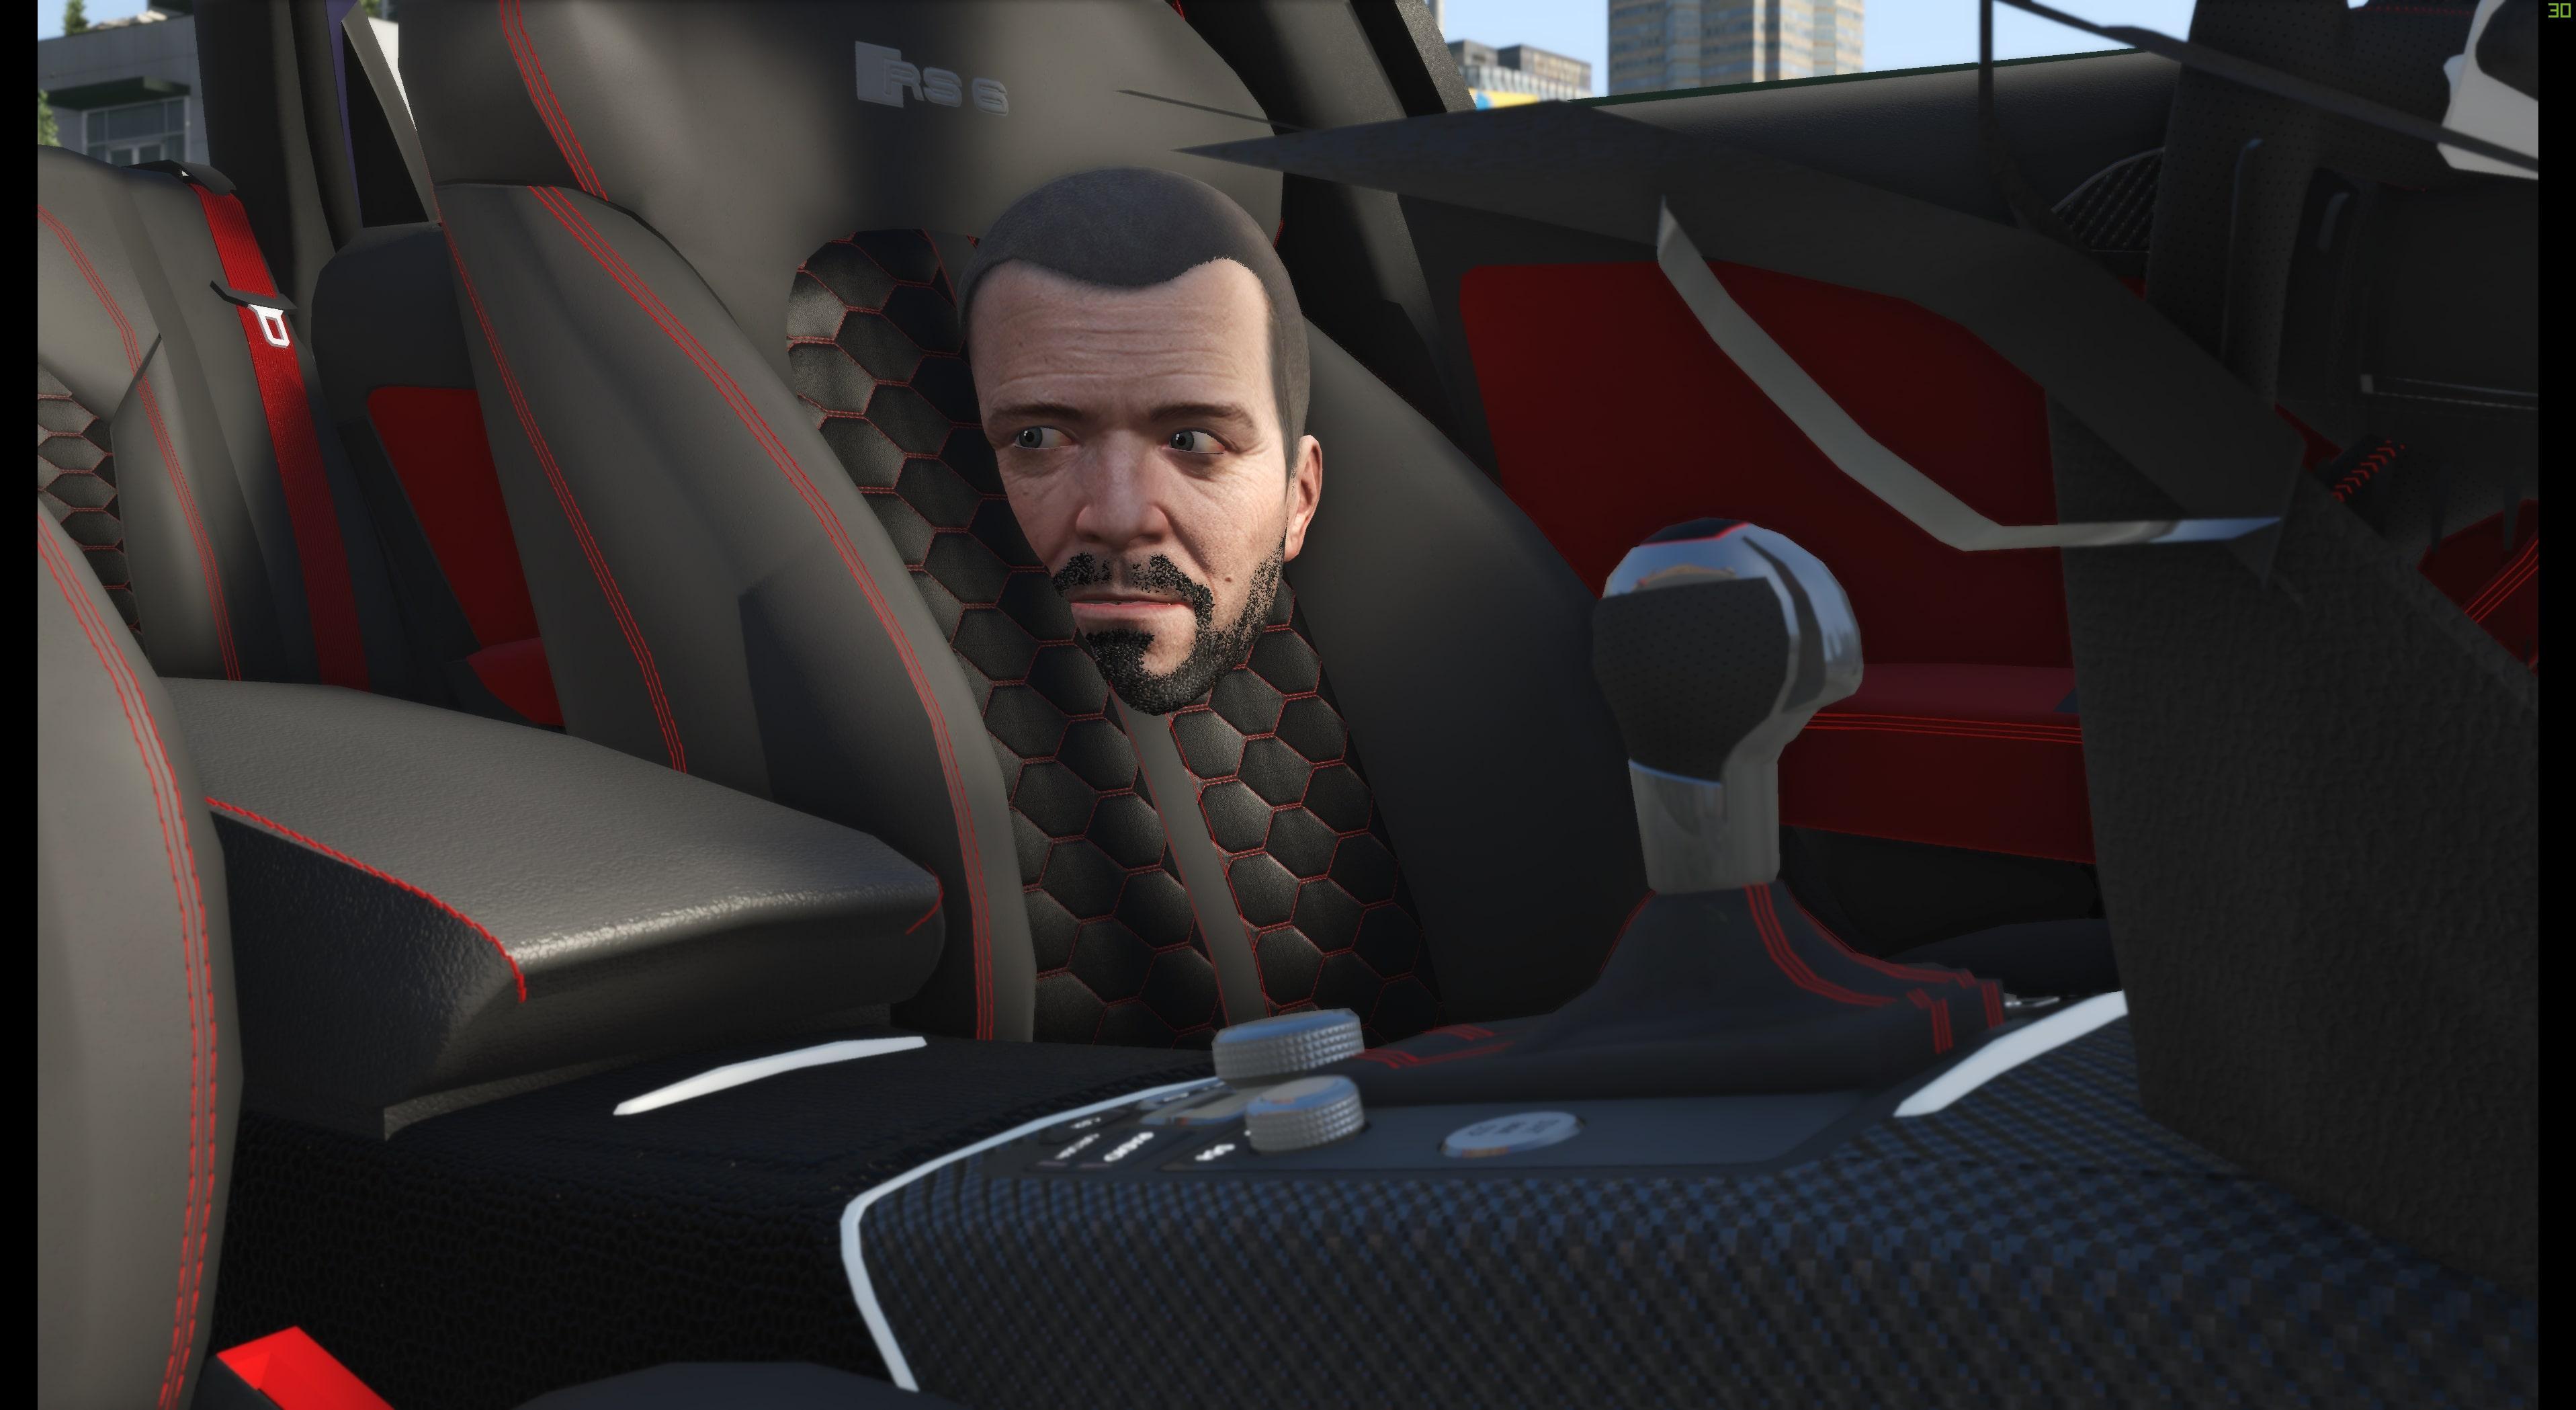 0_1567414836577_Grand Theft Auto V 9_1_2019 6_27_14 PM.jpg